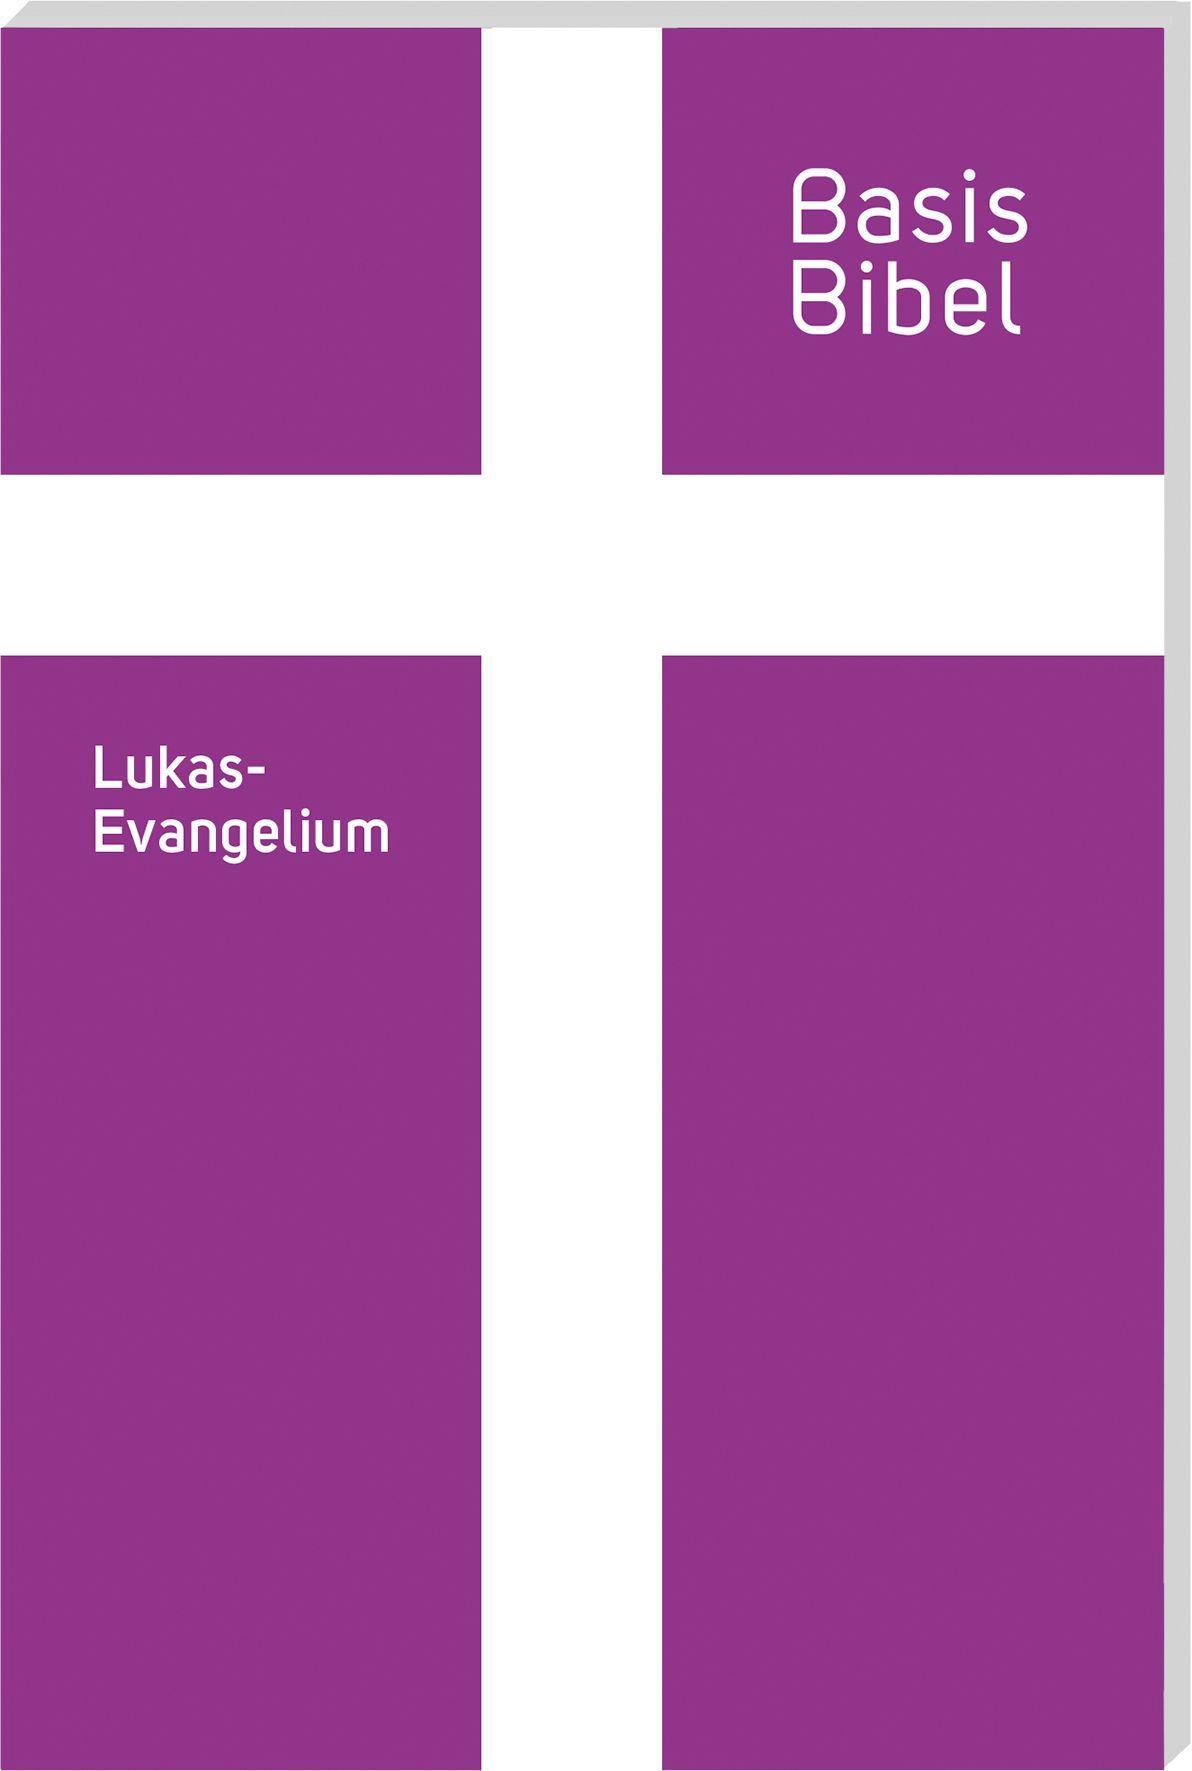 BasisBibel. Lukas-Evangelium